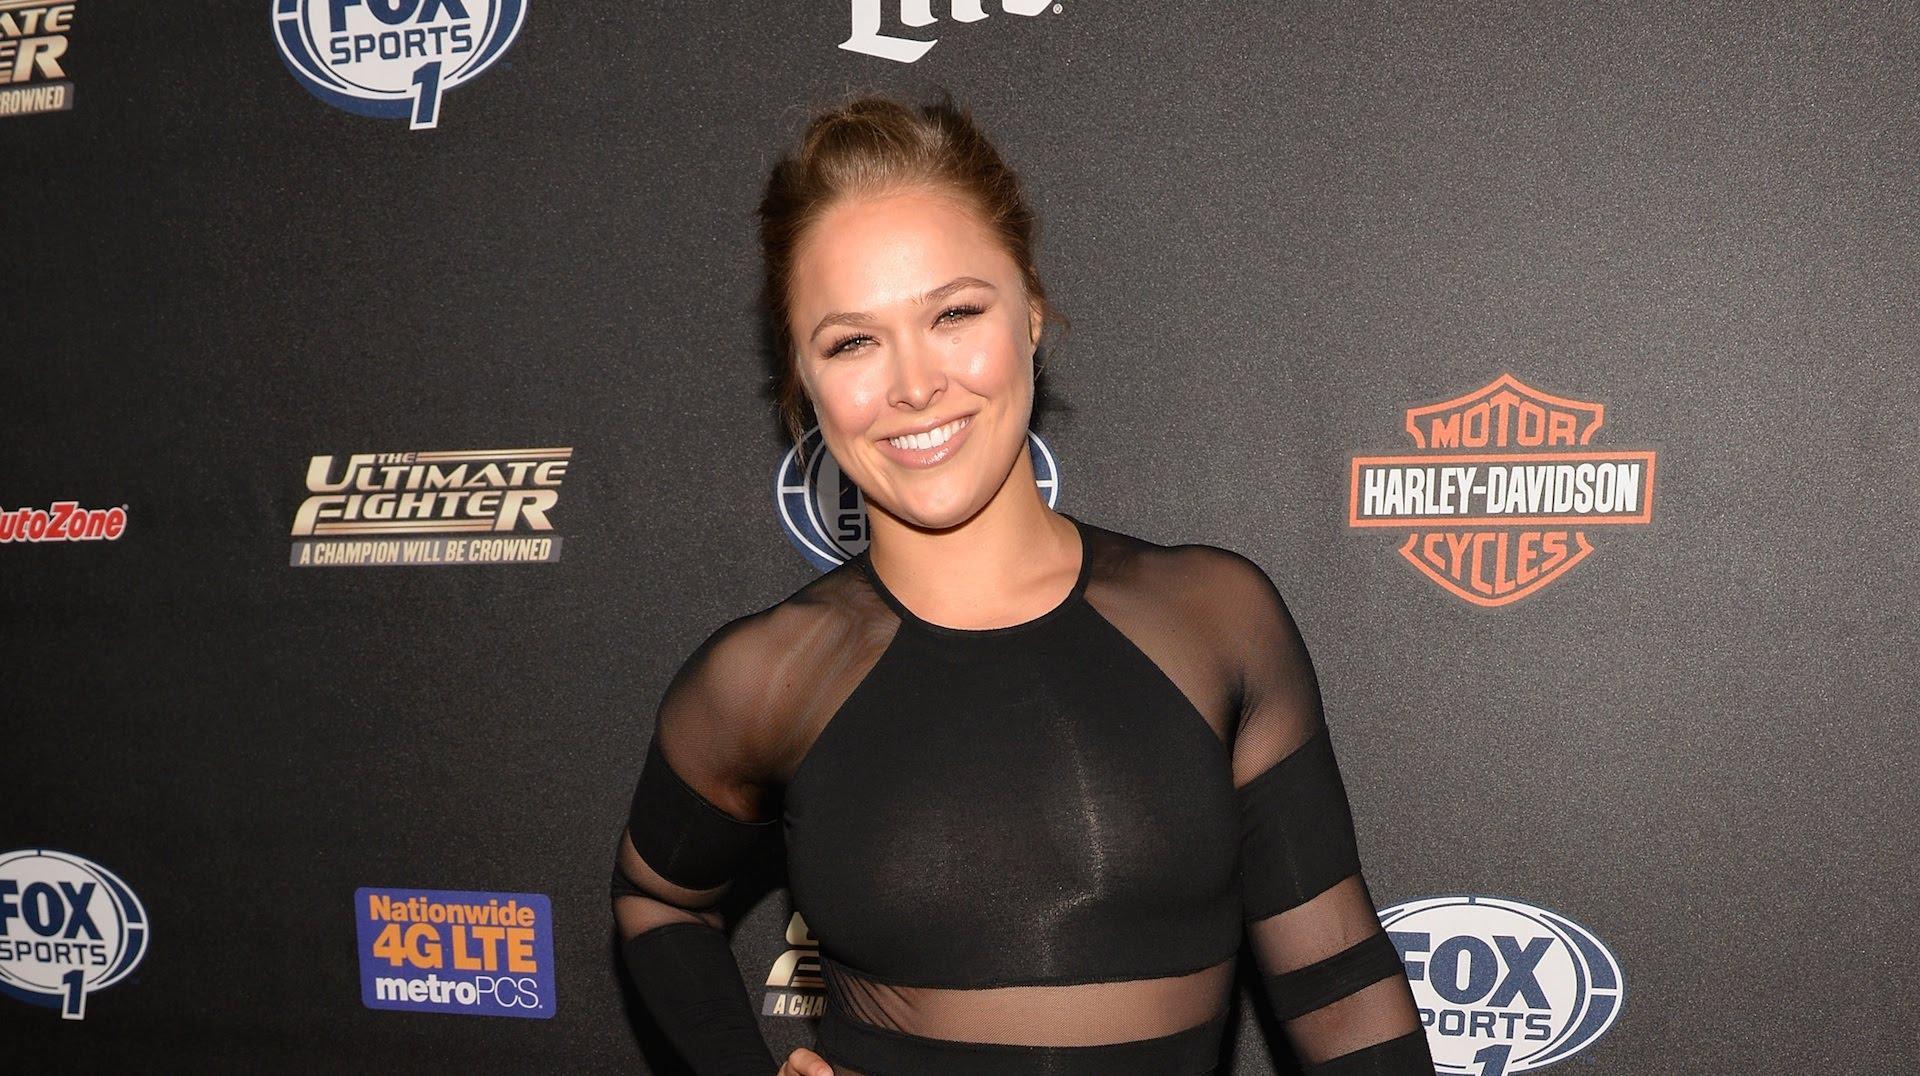 10 bintang seksi hollywood penggemar game 10 Bintang Seksi Hollywood Penggemar Game Ronda